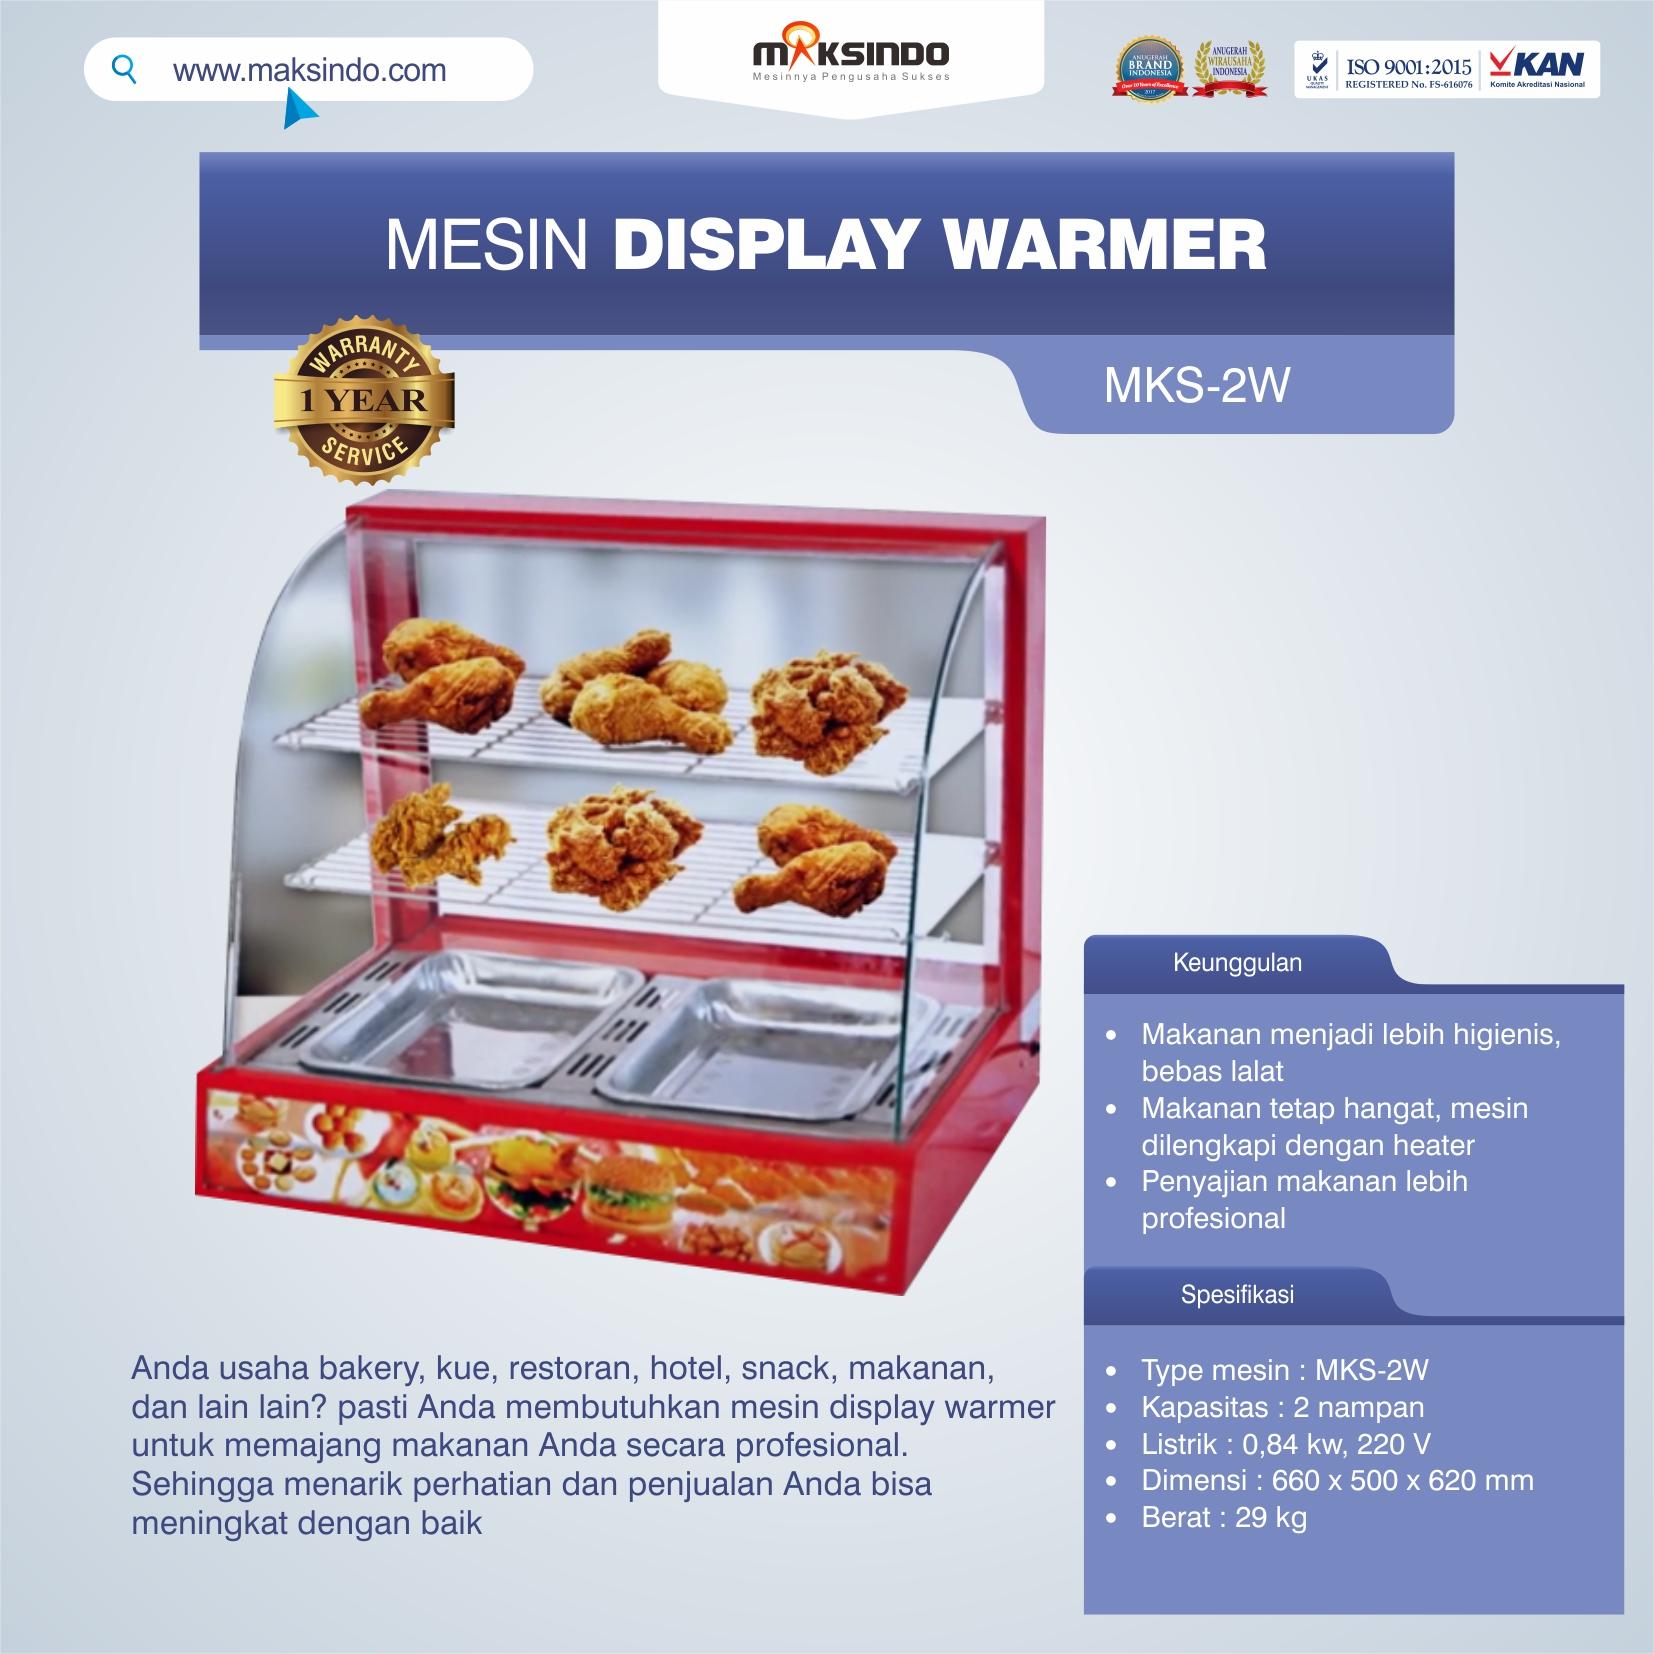 Jual Mesin Diplay Warmer (MKS-2W) di Medan